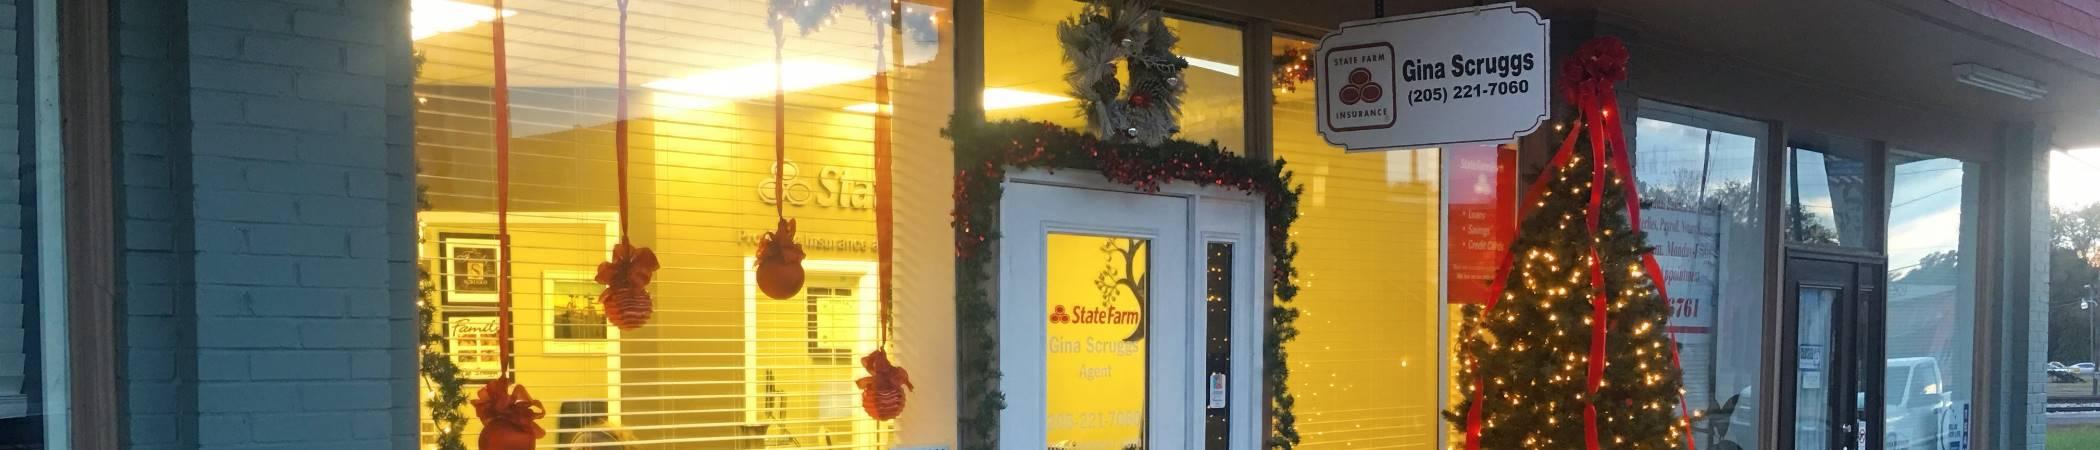 Gina Scruggs State Farm Insurance in Jasper, AL   Home, Auto Insurance & more